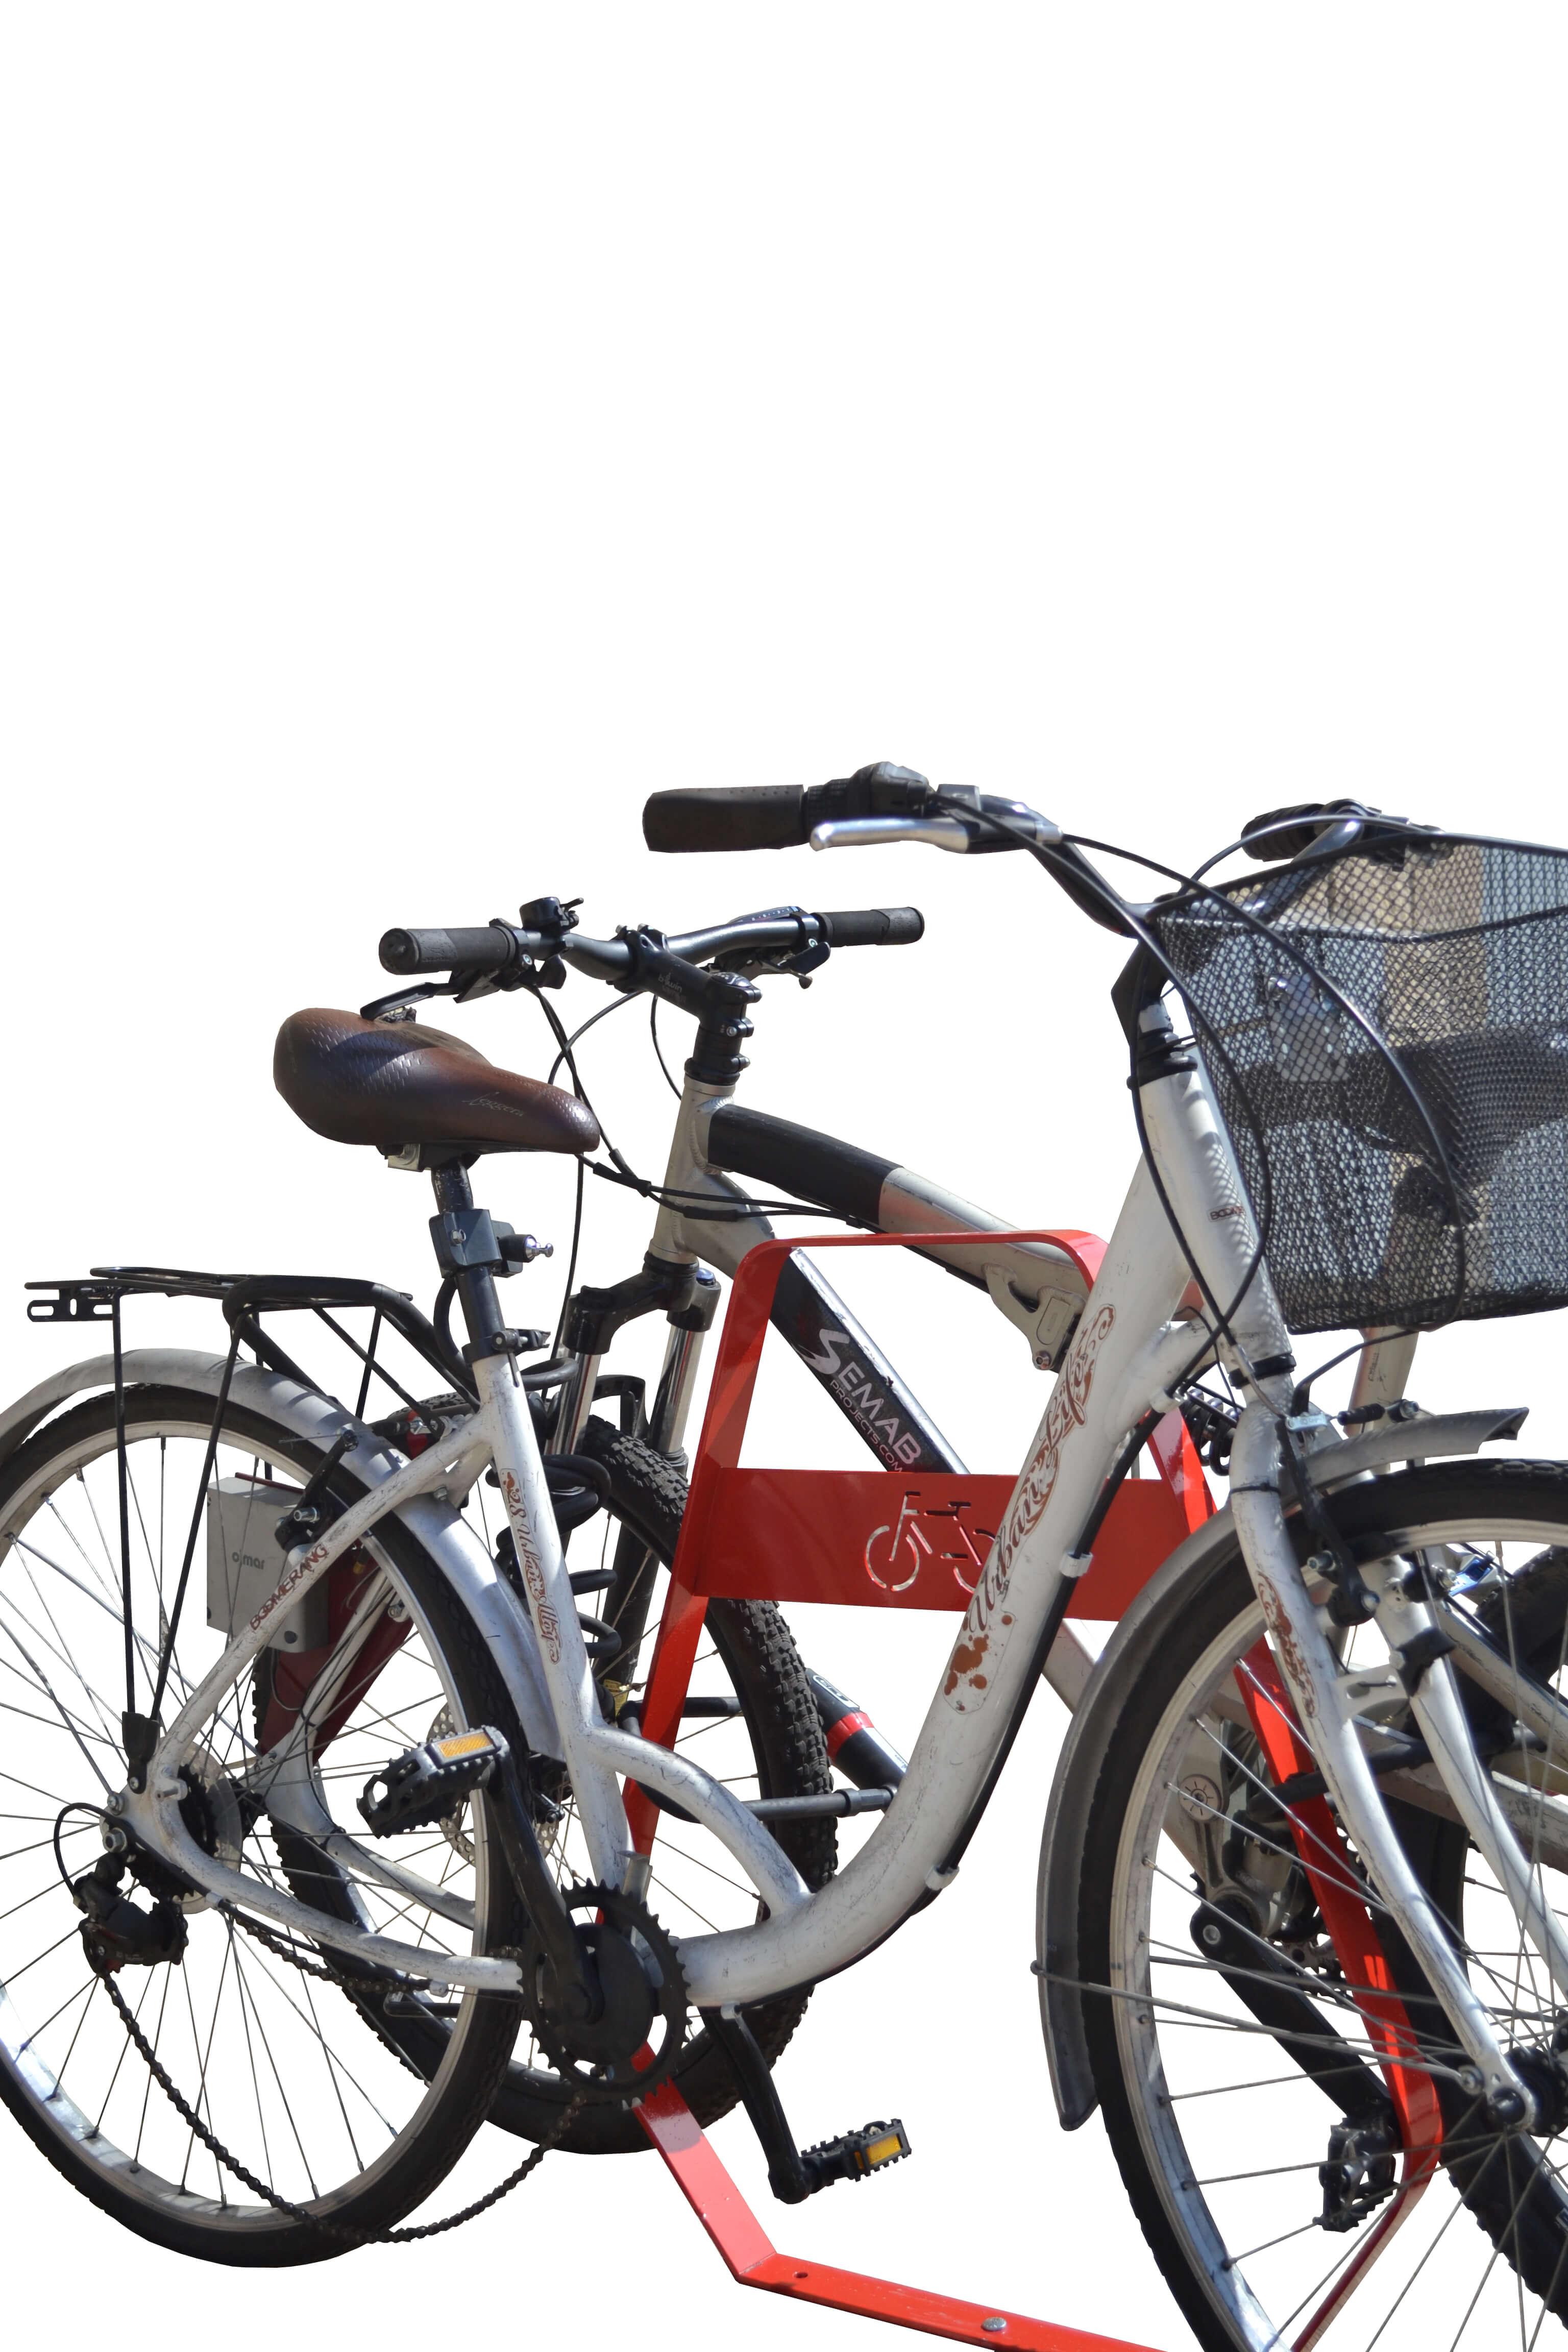 Banyoles fietsbeugel - beugel waaraan twee fietsen kunnen worden bevestigd